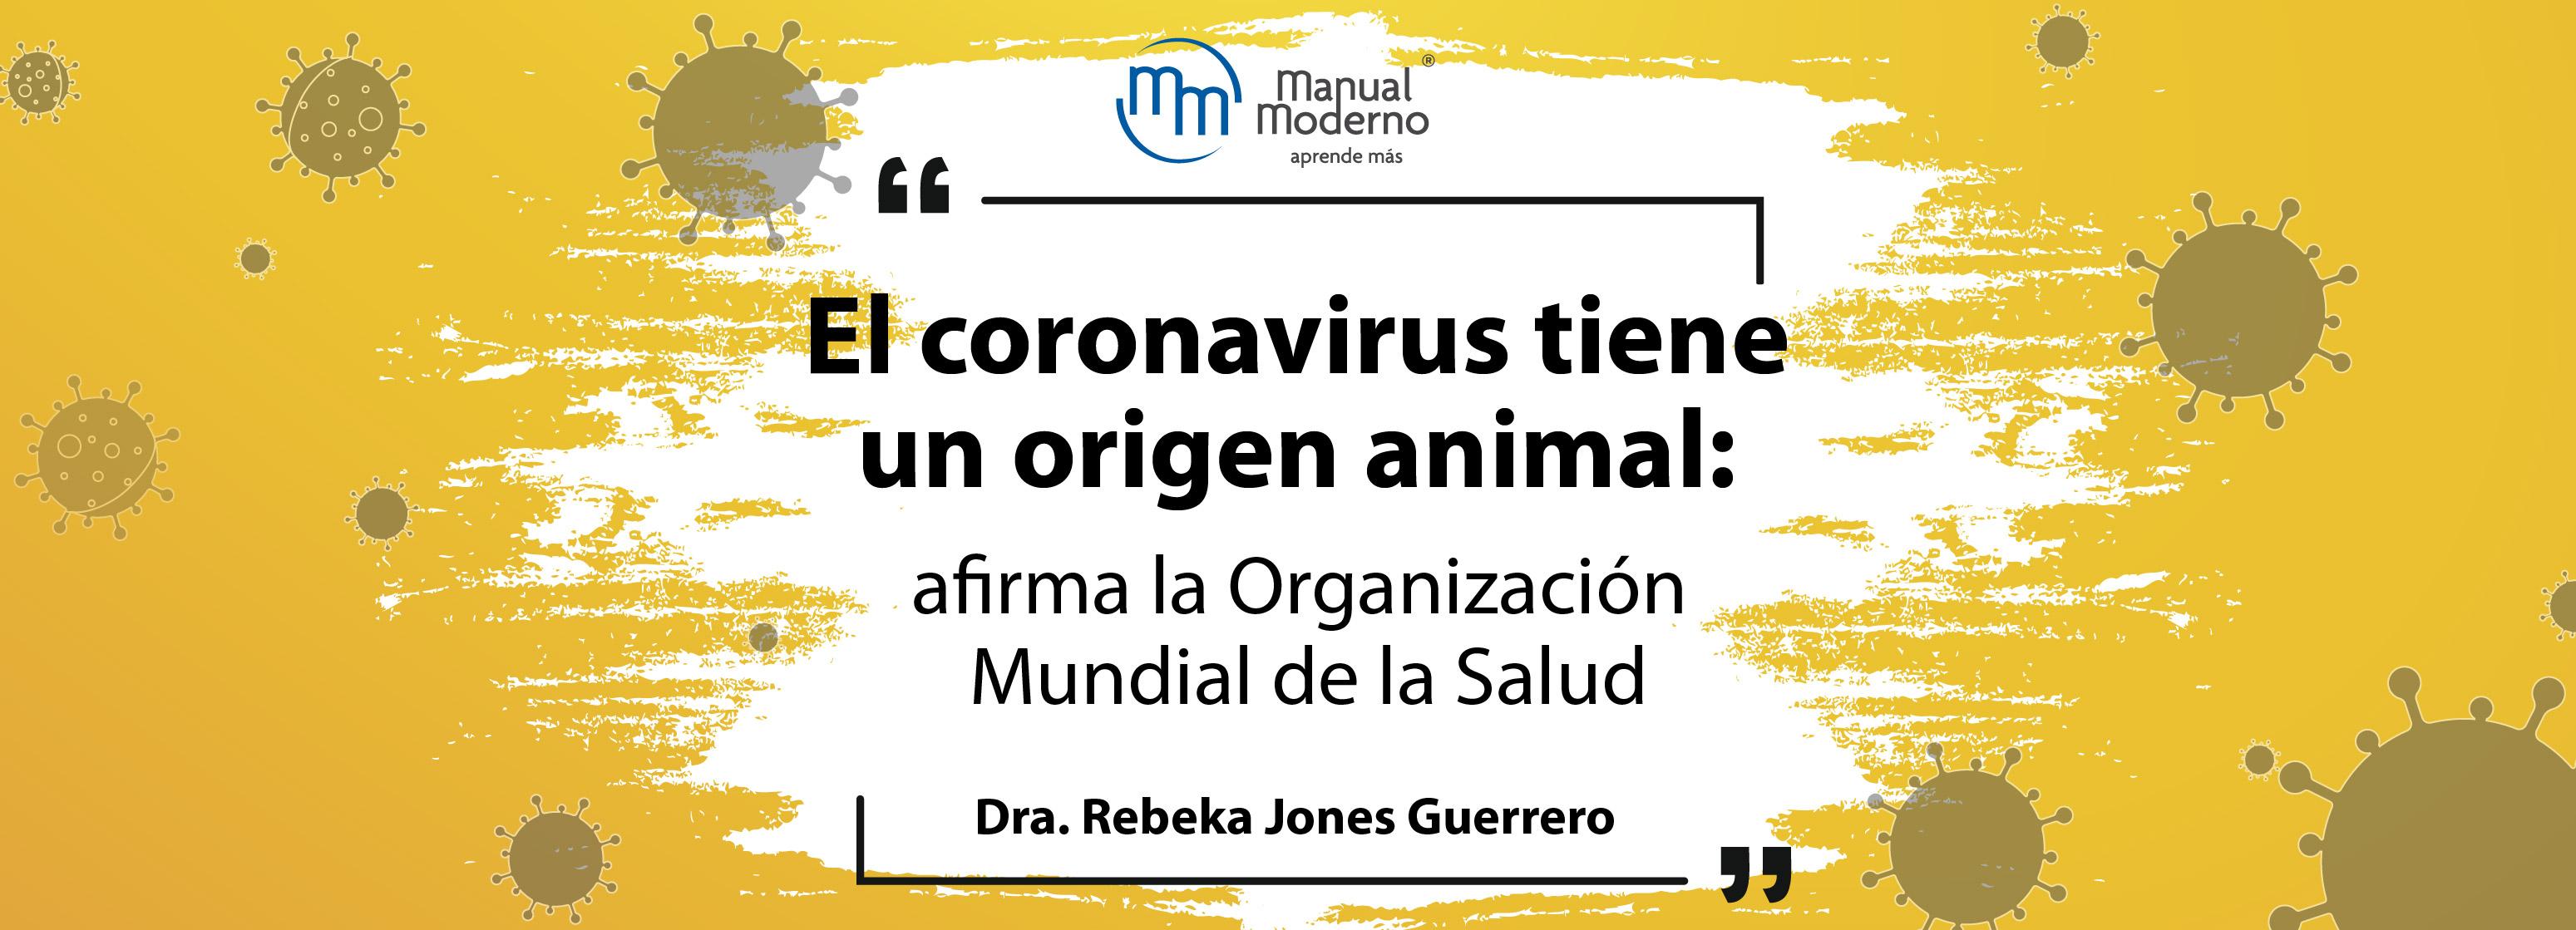 El coronavirus tiene un origen animal: afirma la Organización Mundial de la Salud